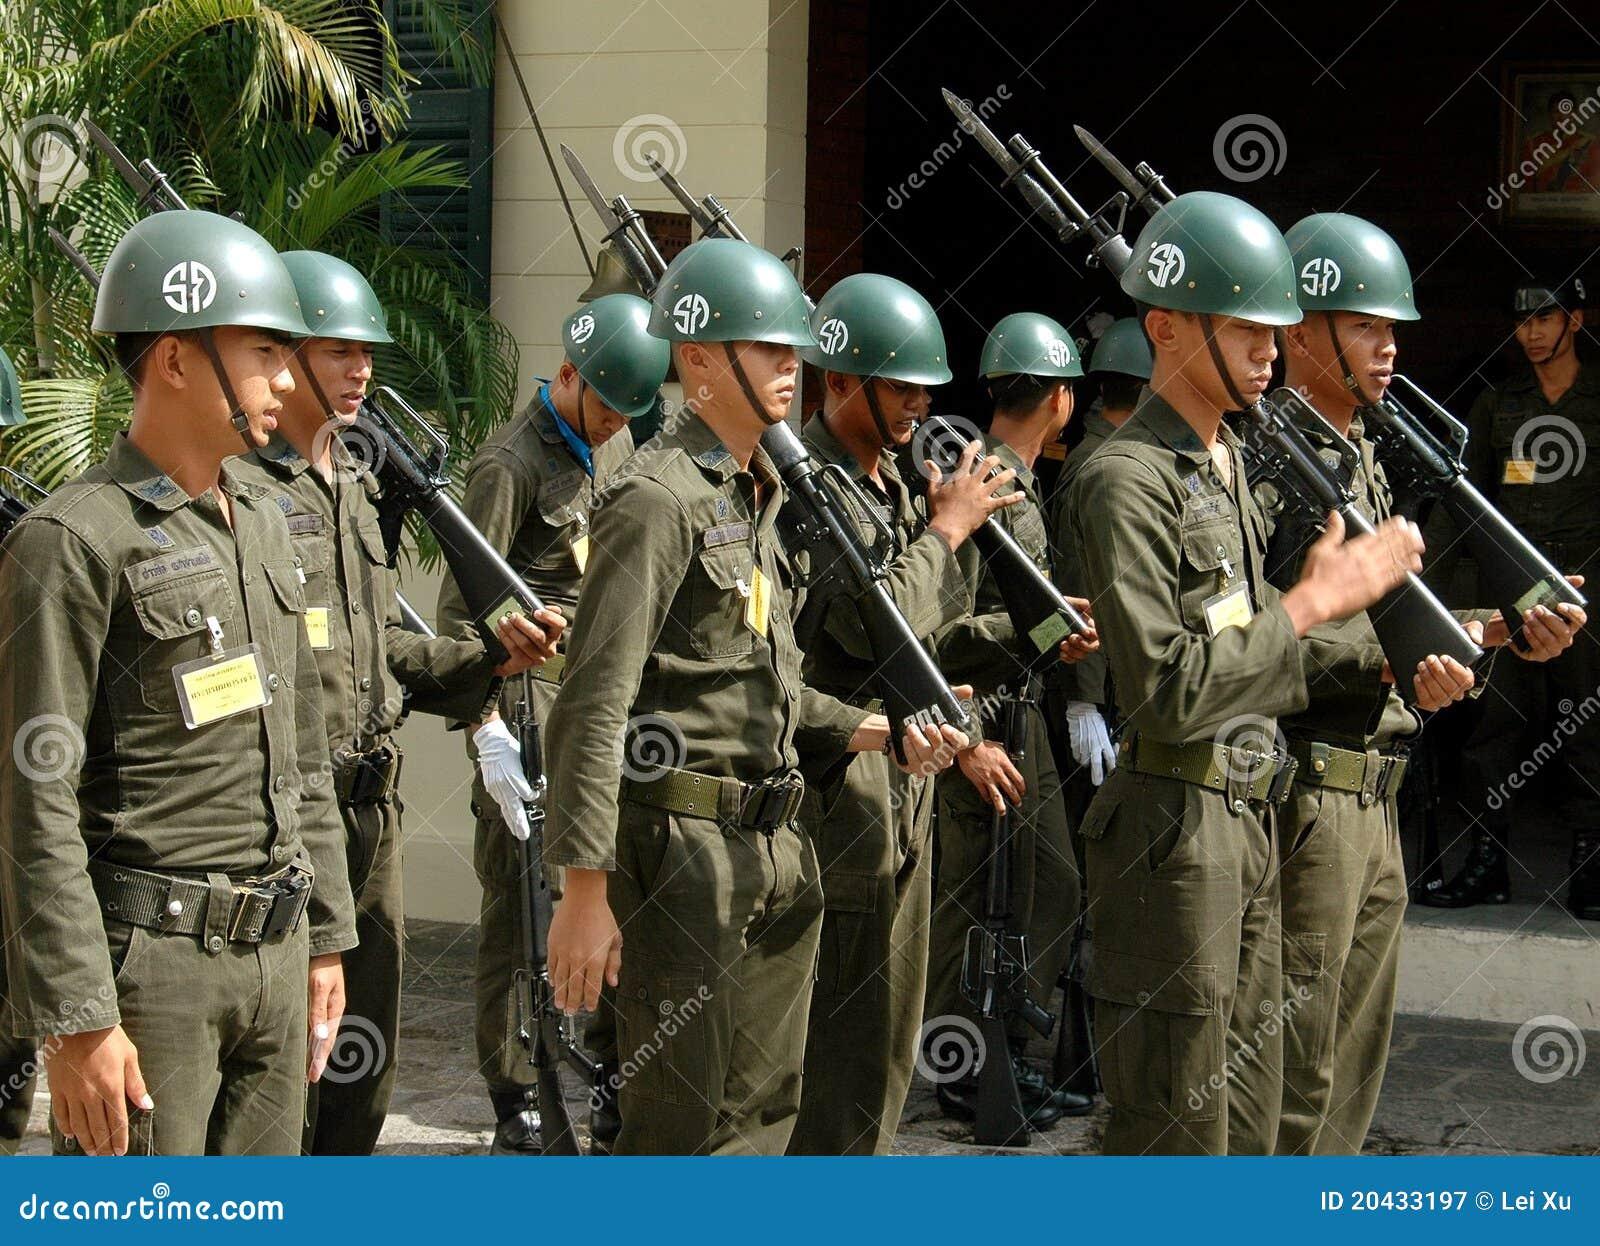 Bangkok, Thailand: Soldiers at Royal Palace